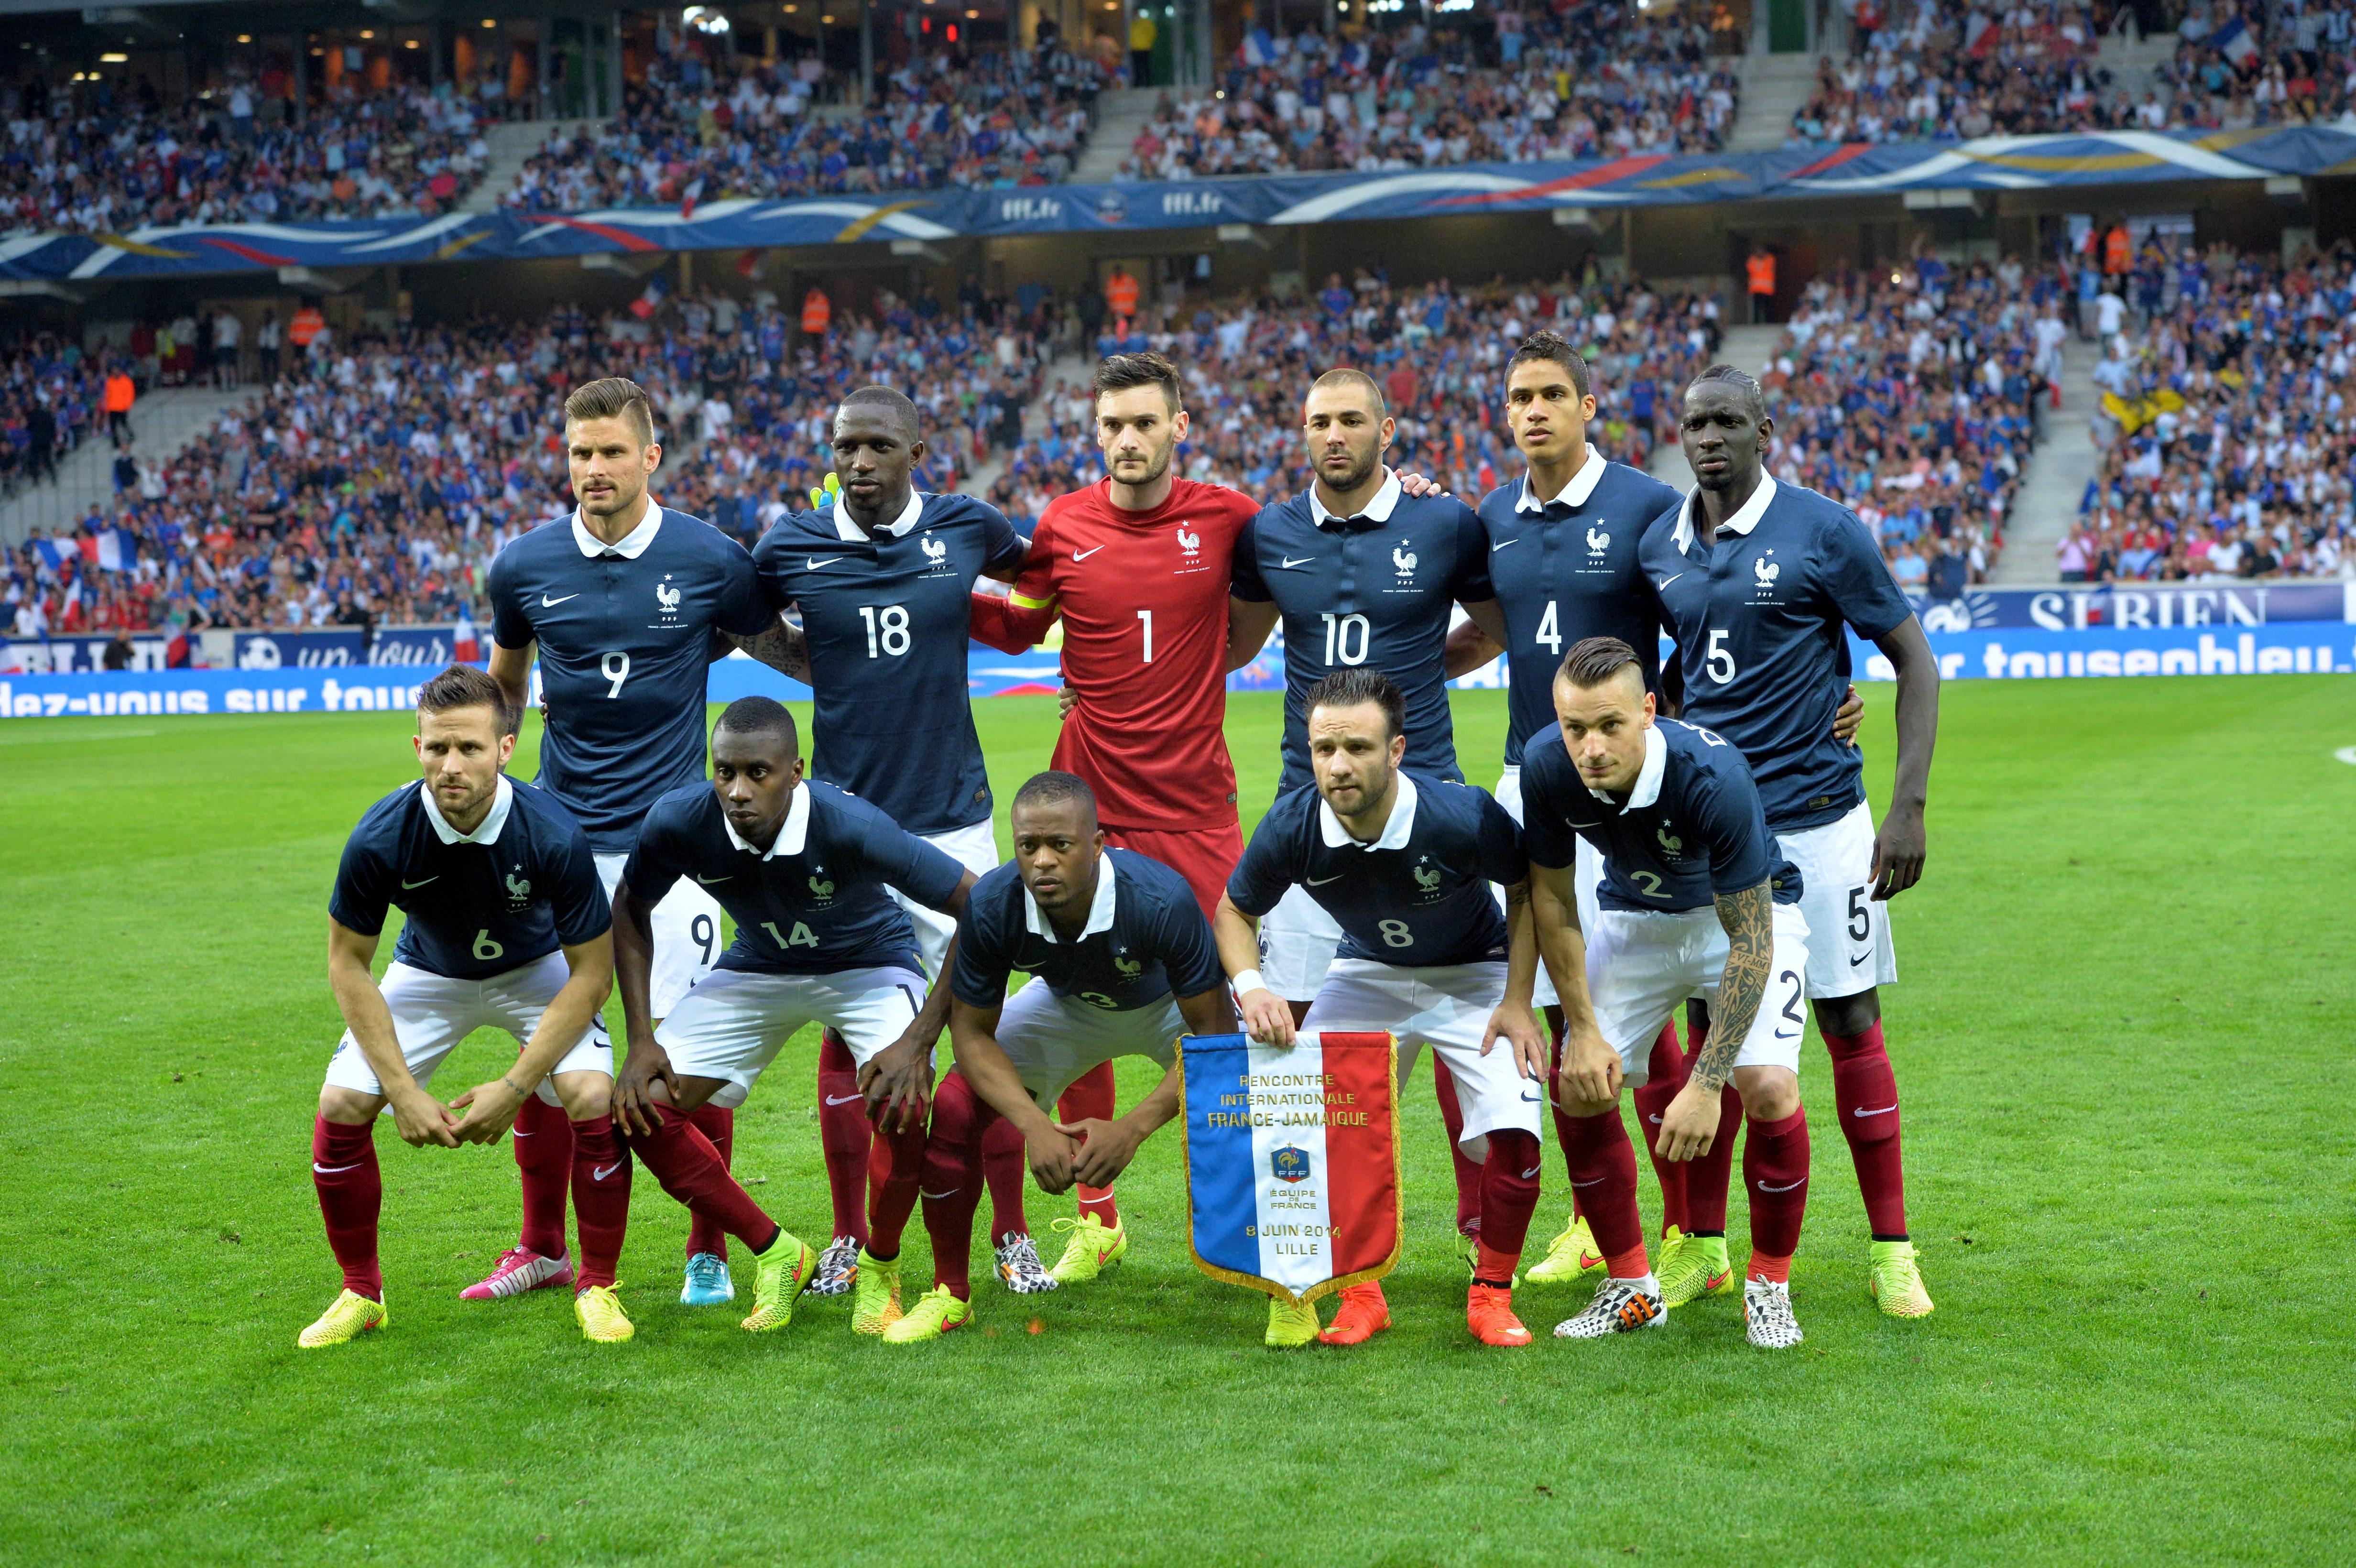 Rencontre equipe de france euro 2018